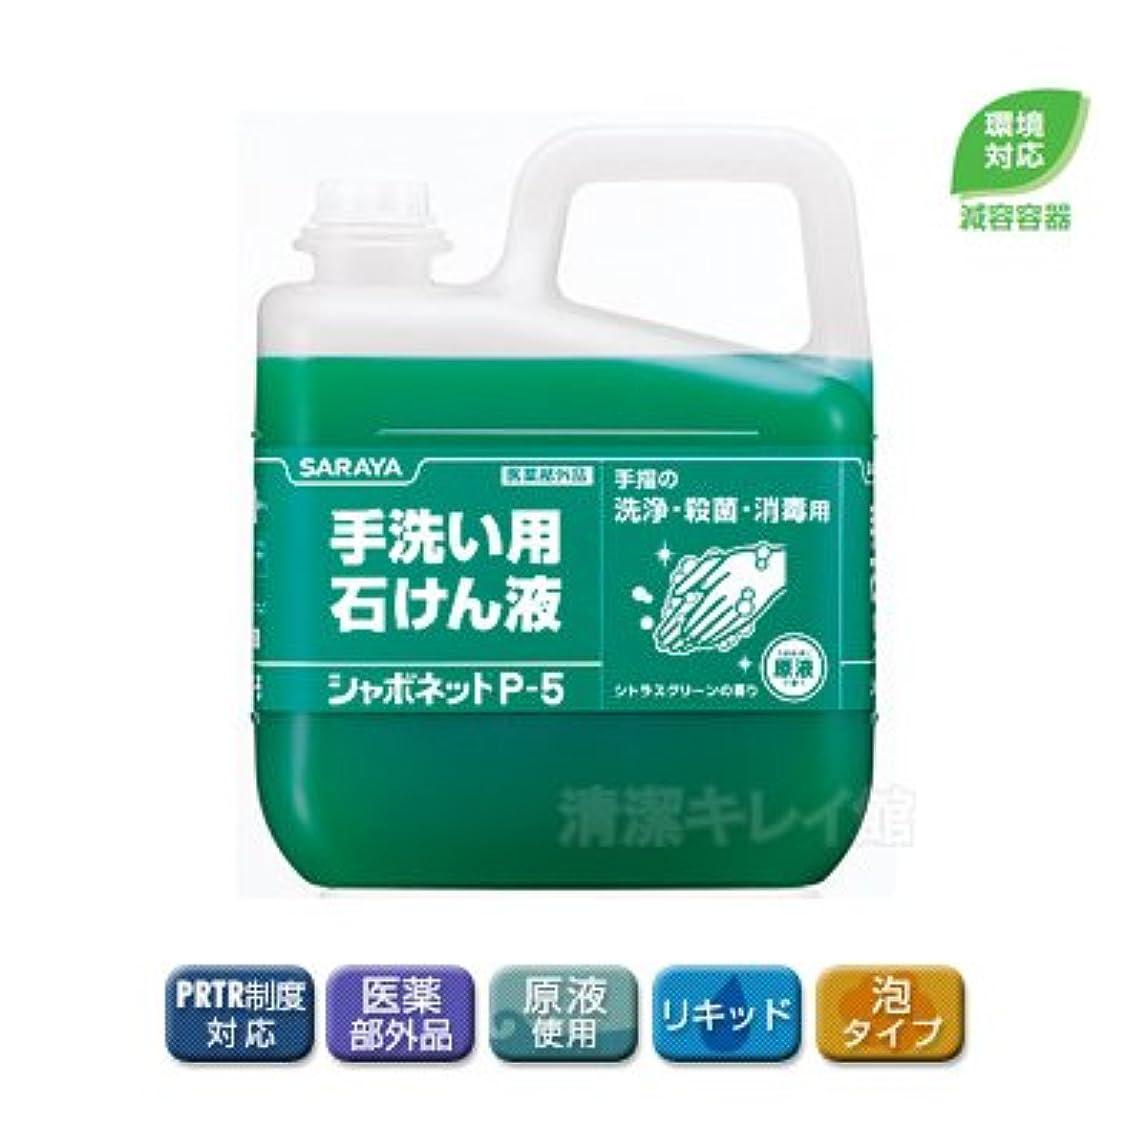 マウスピースフロークリエイティブ【清潔キレイ館】サラヤ シャボネット石鹸液P-5(5kg)